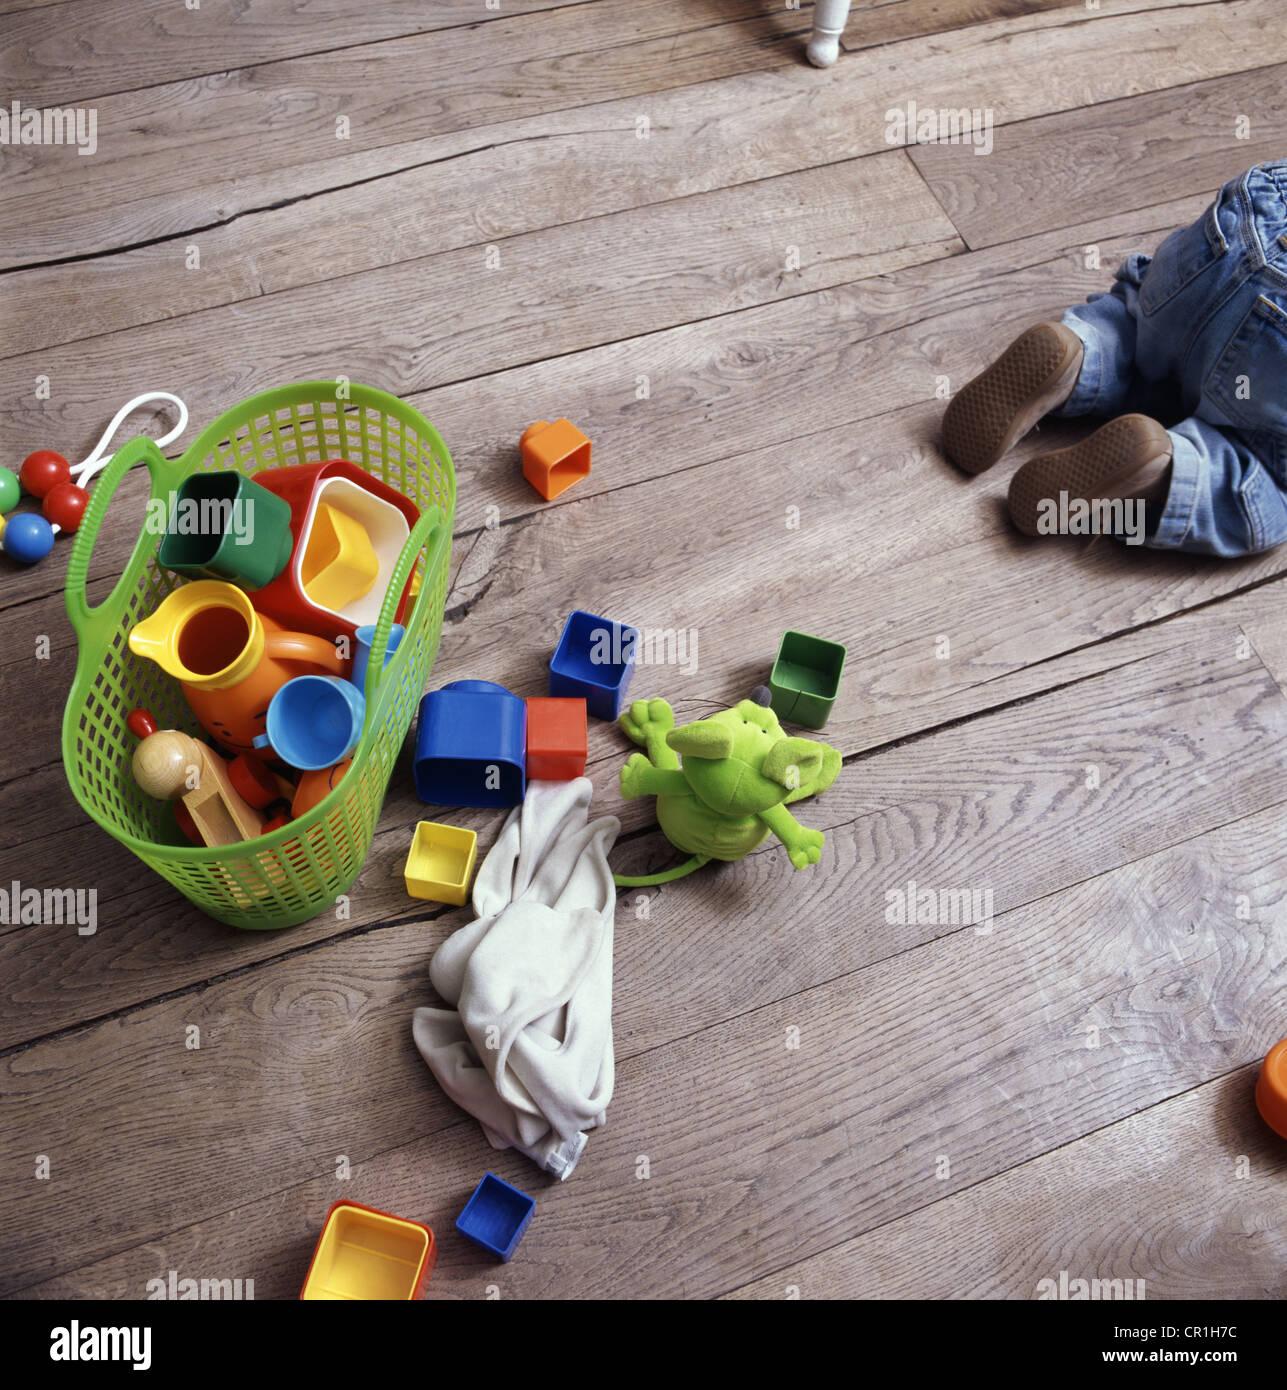 Bebés juguetes sobre un piso de madera Foto de stock